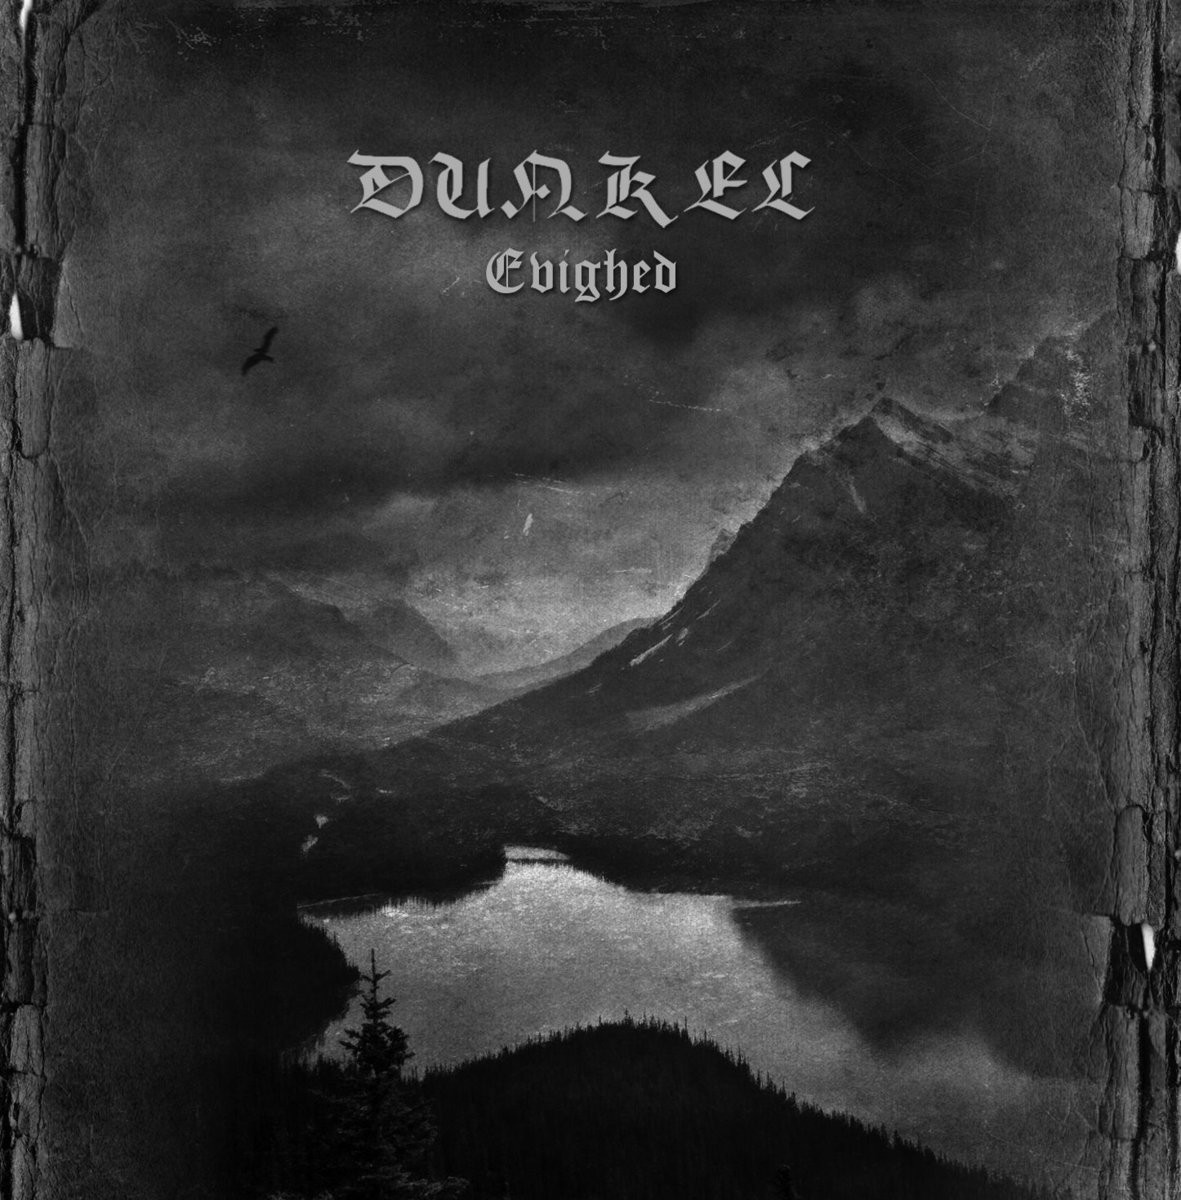 Dunkel - Evighed